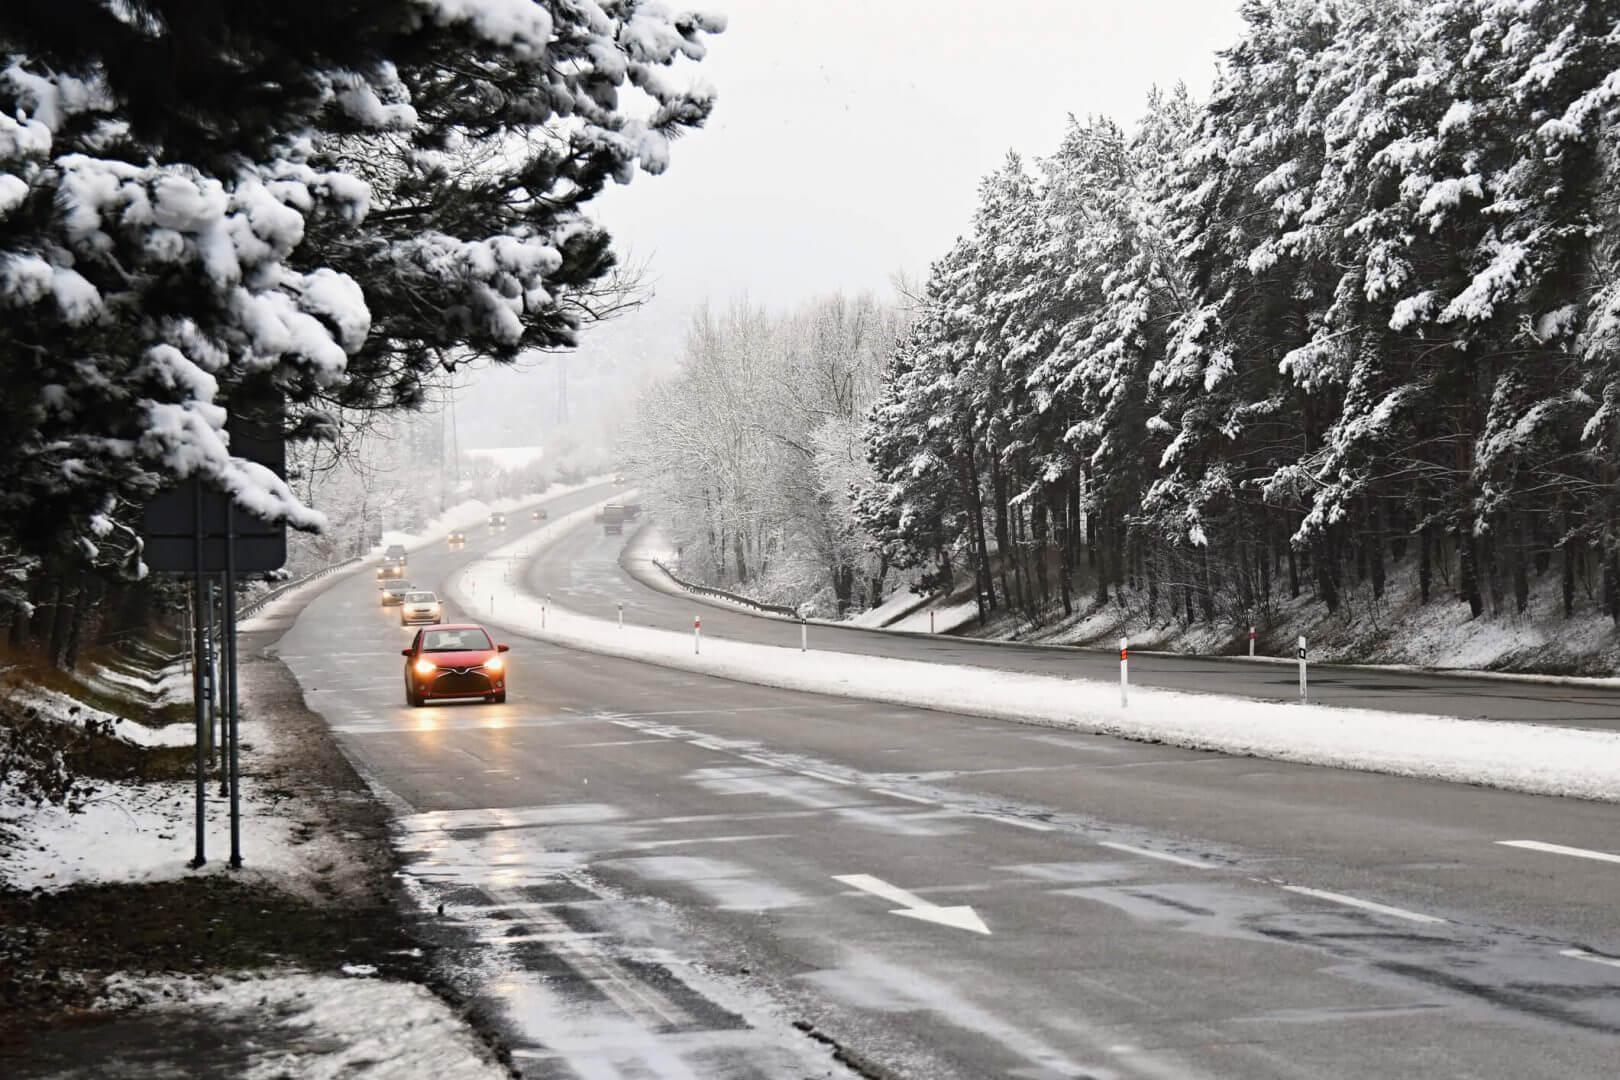 Ubezpieczenie, a złe warunki pogodowe